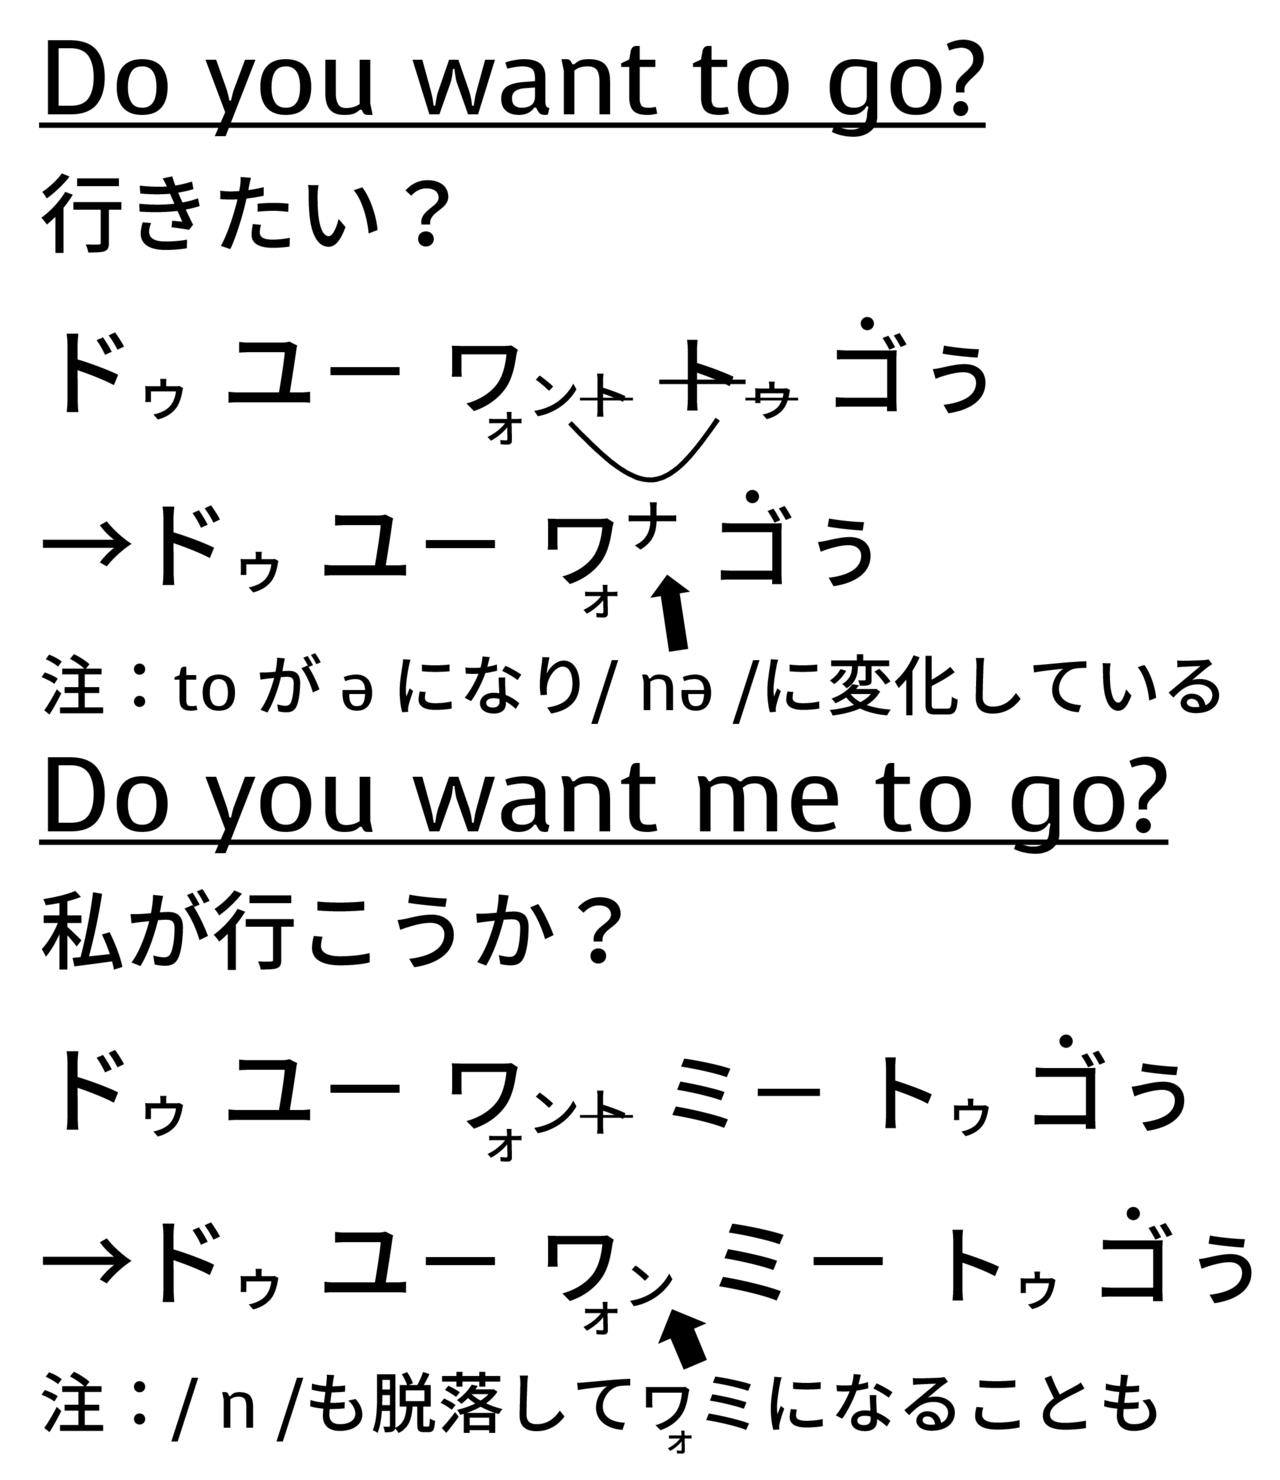 アぃワォ二ムダカム-01